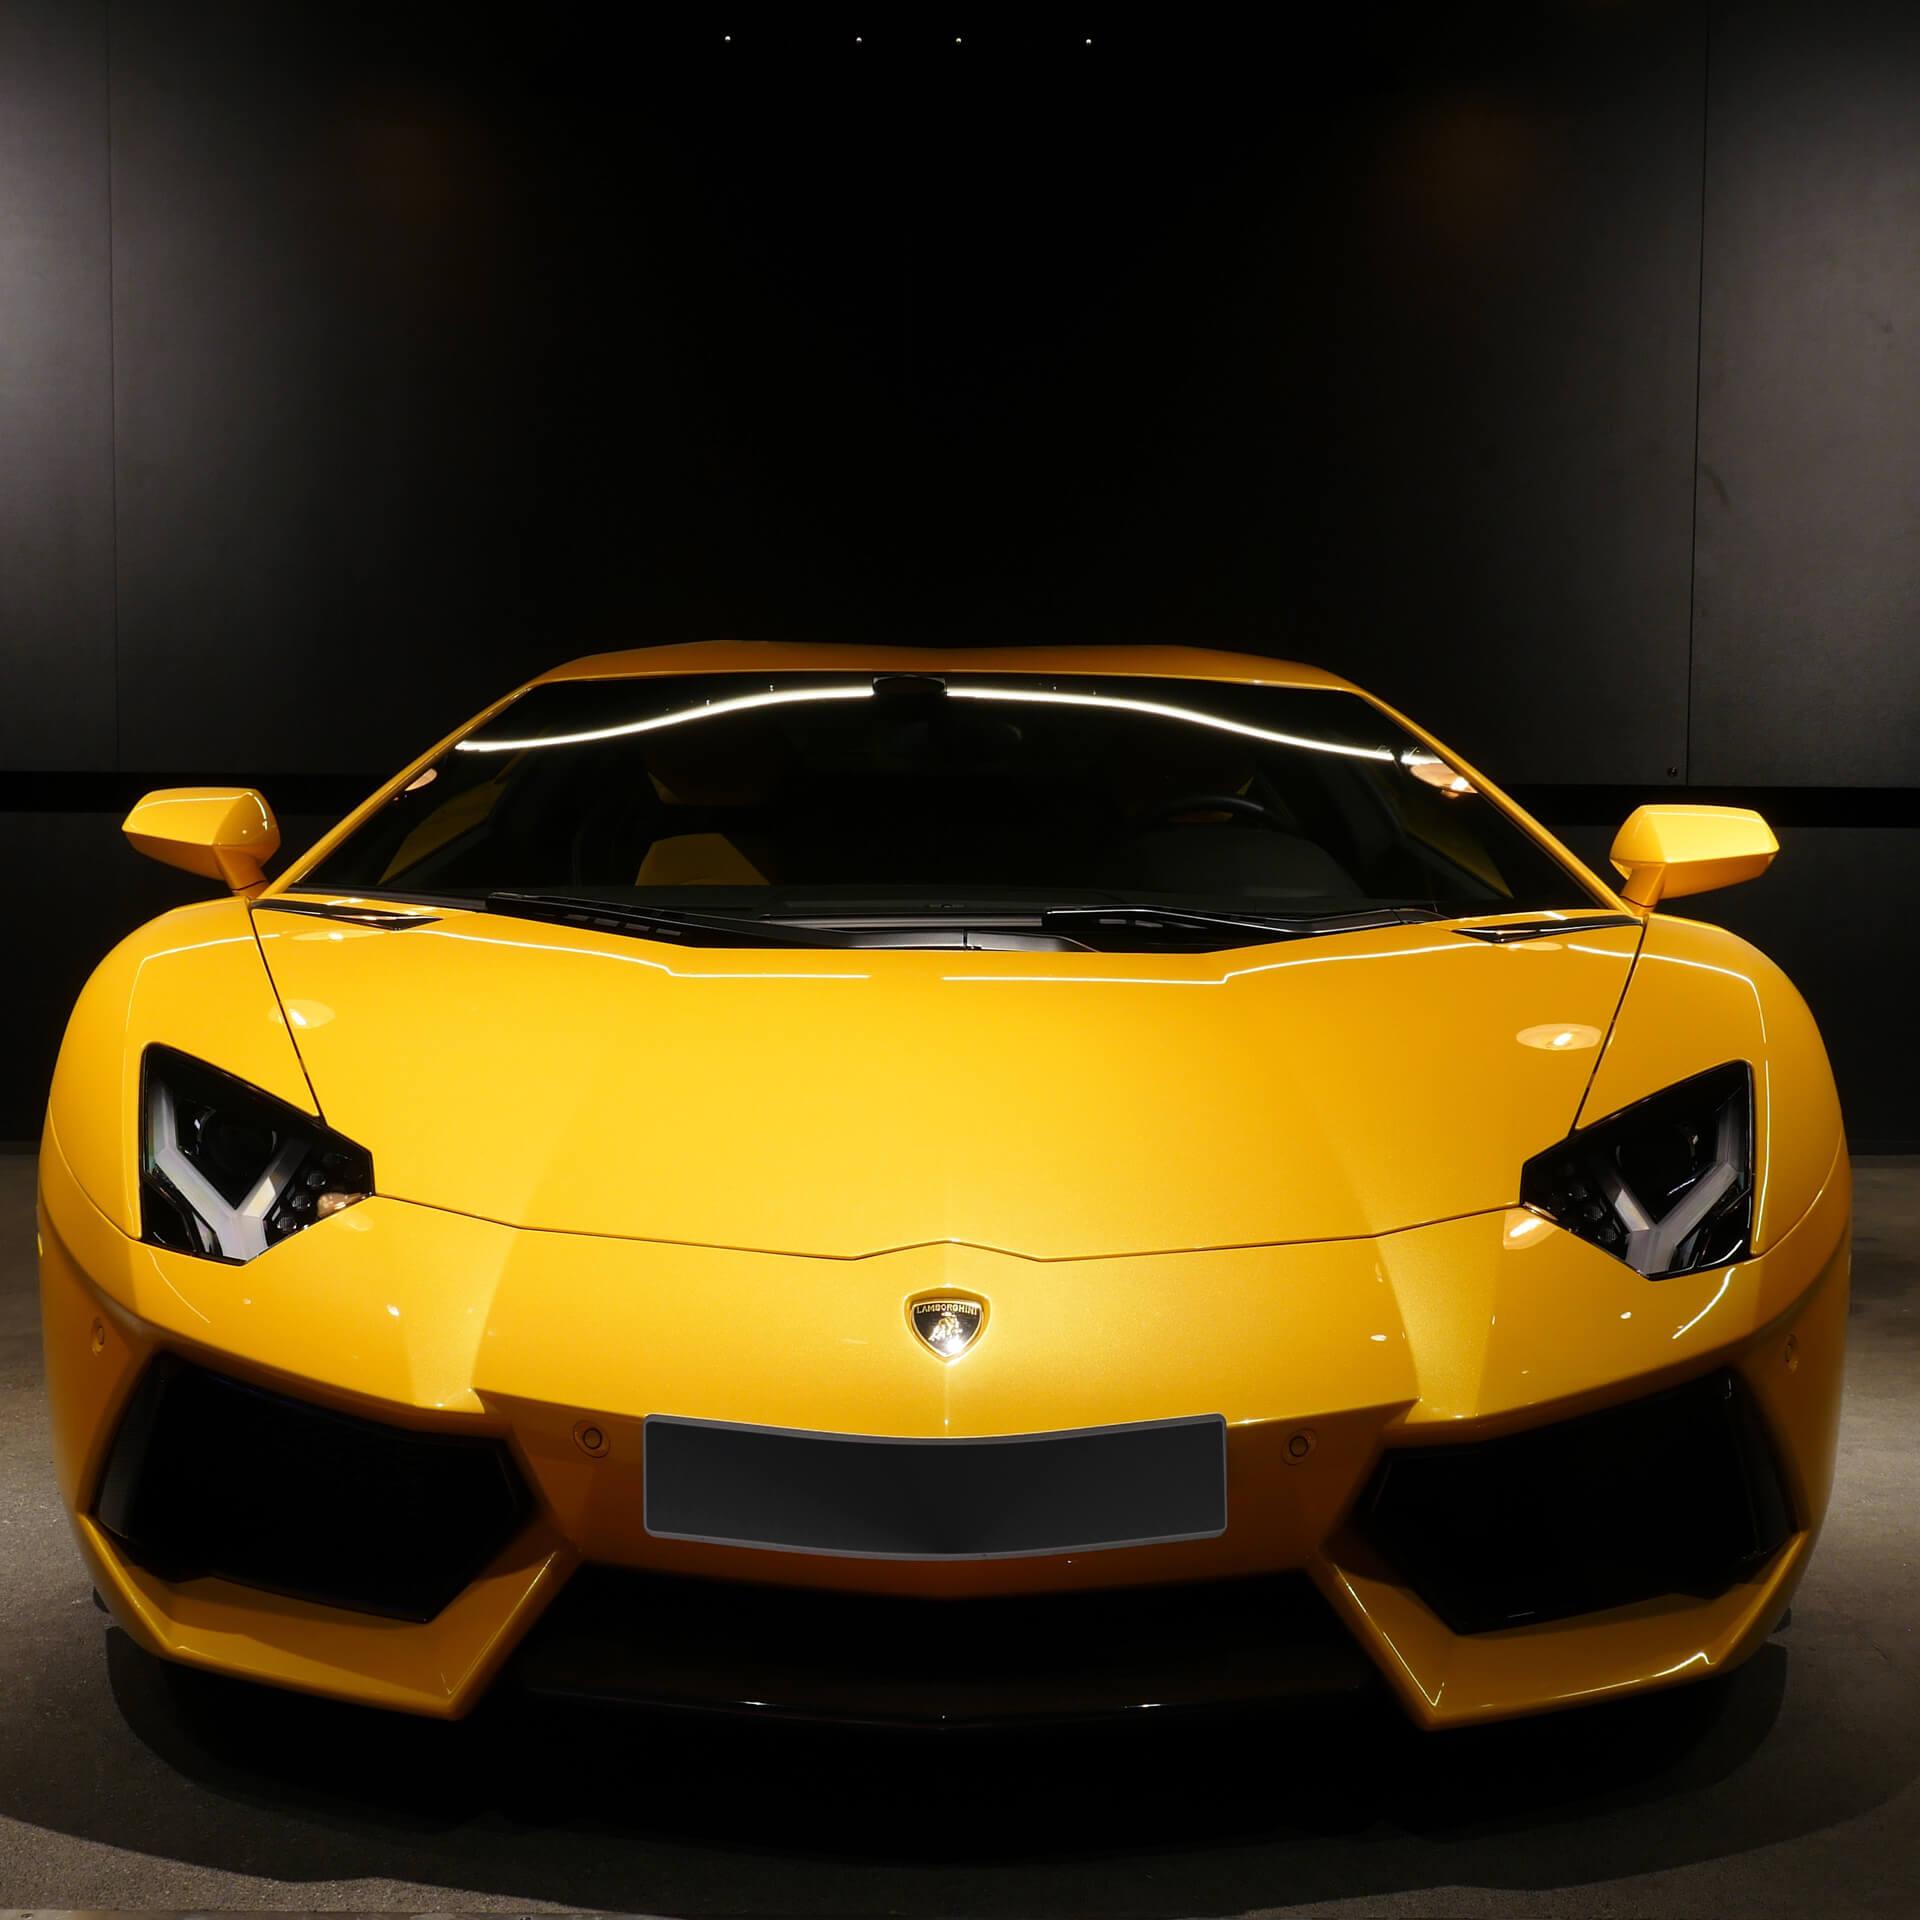 AIL Lamborghini Aventador LP 700-4 Imperione Giallo Orion Pearl 5